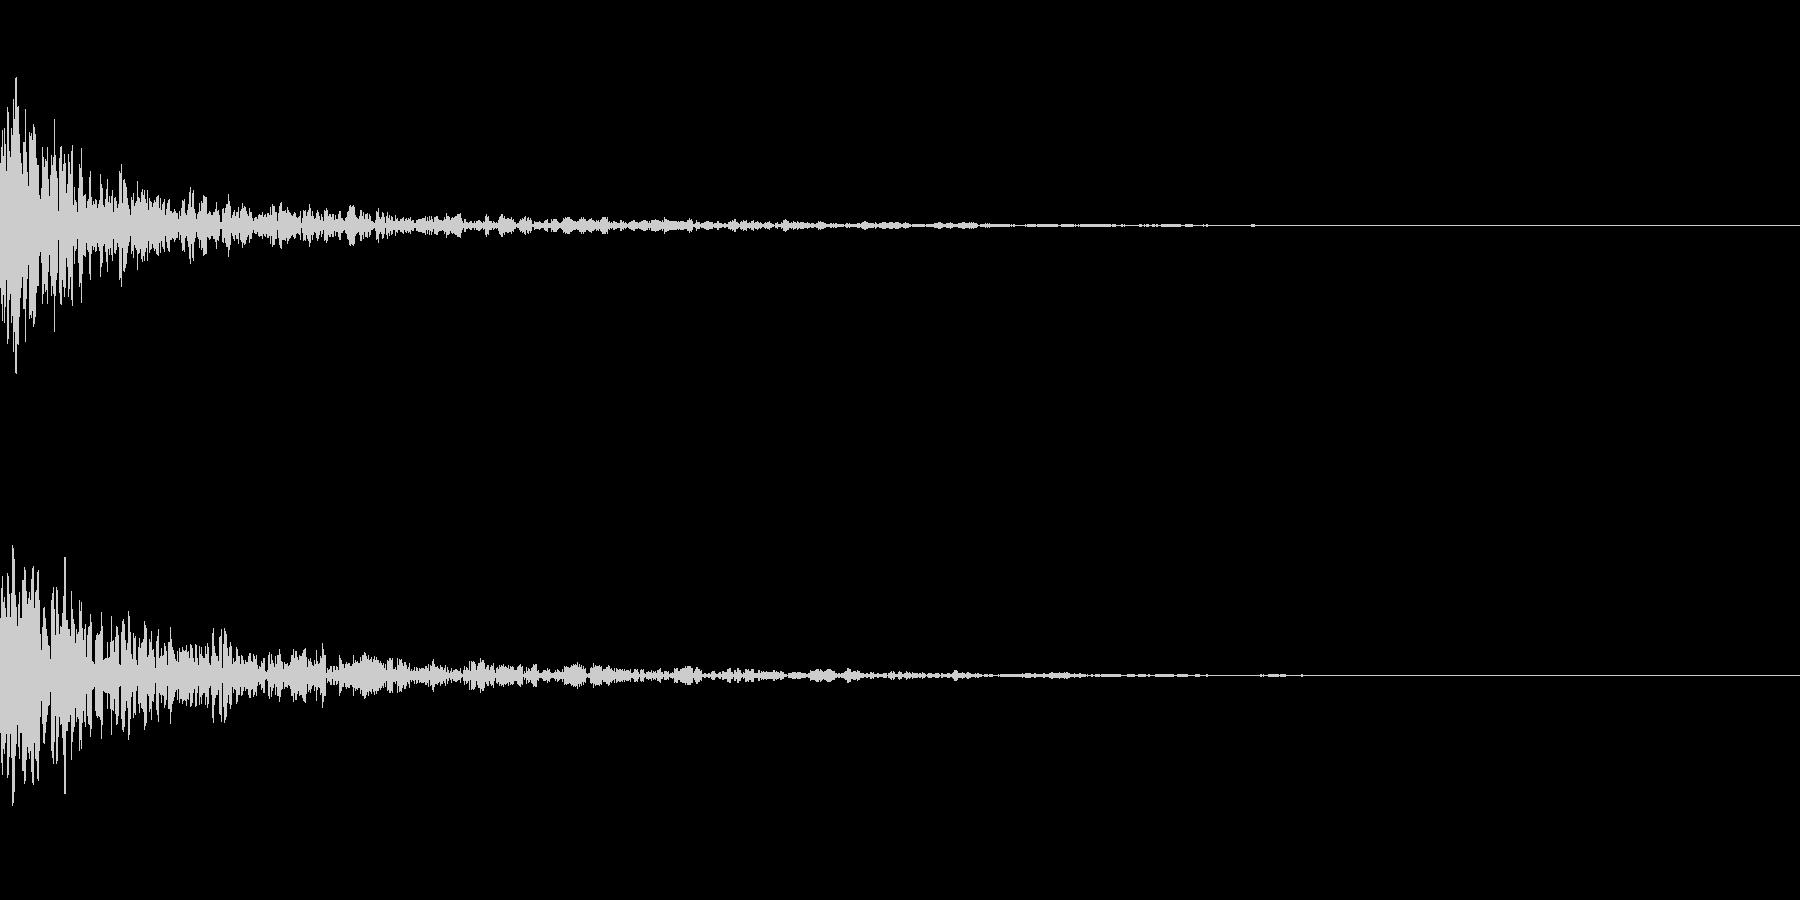 ドーン-38-1(インパクト音)の未再生の波形